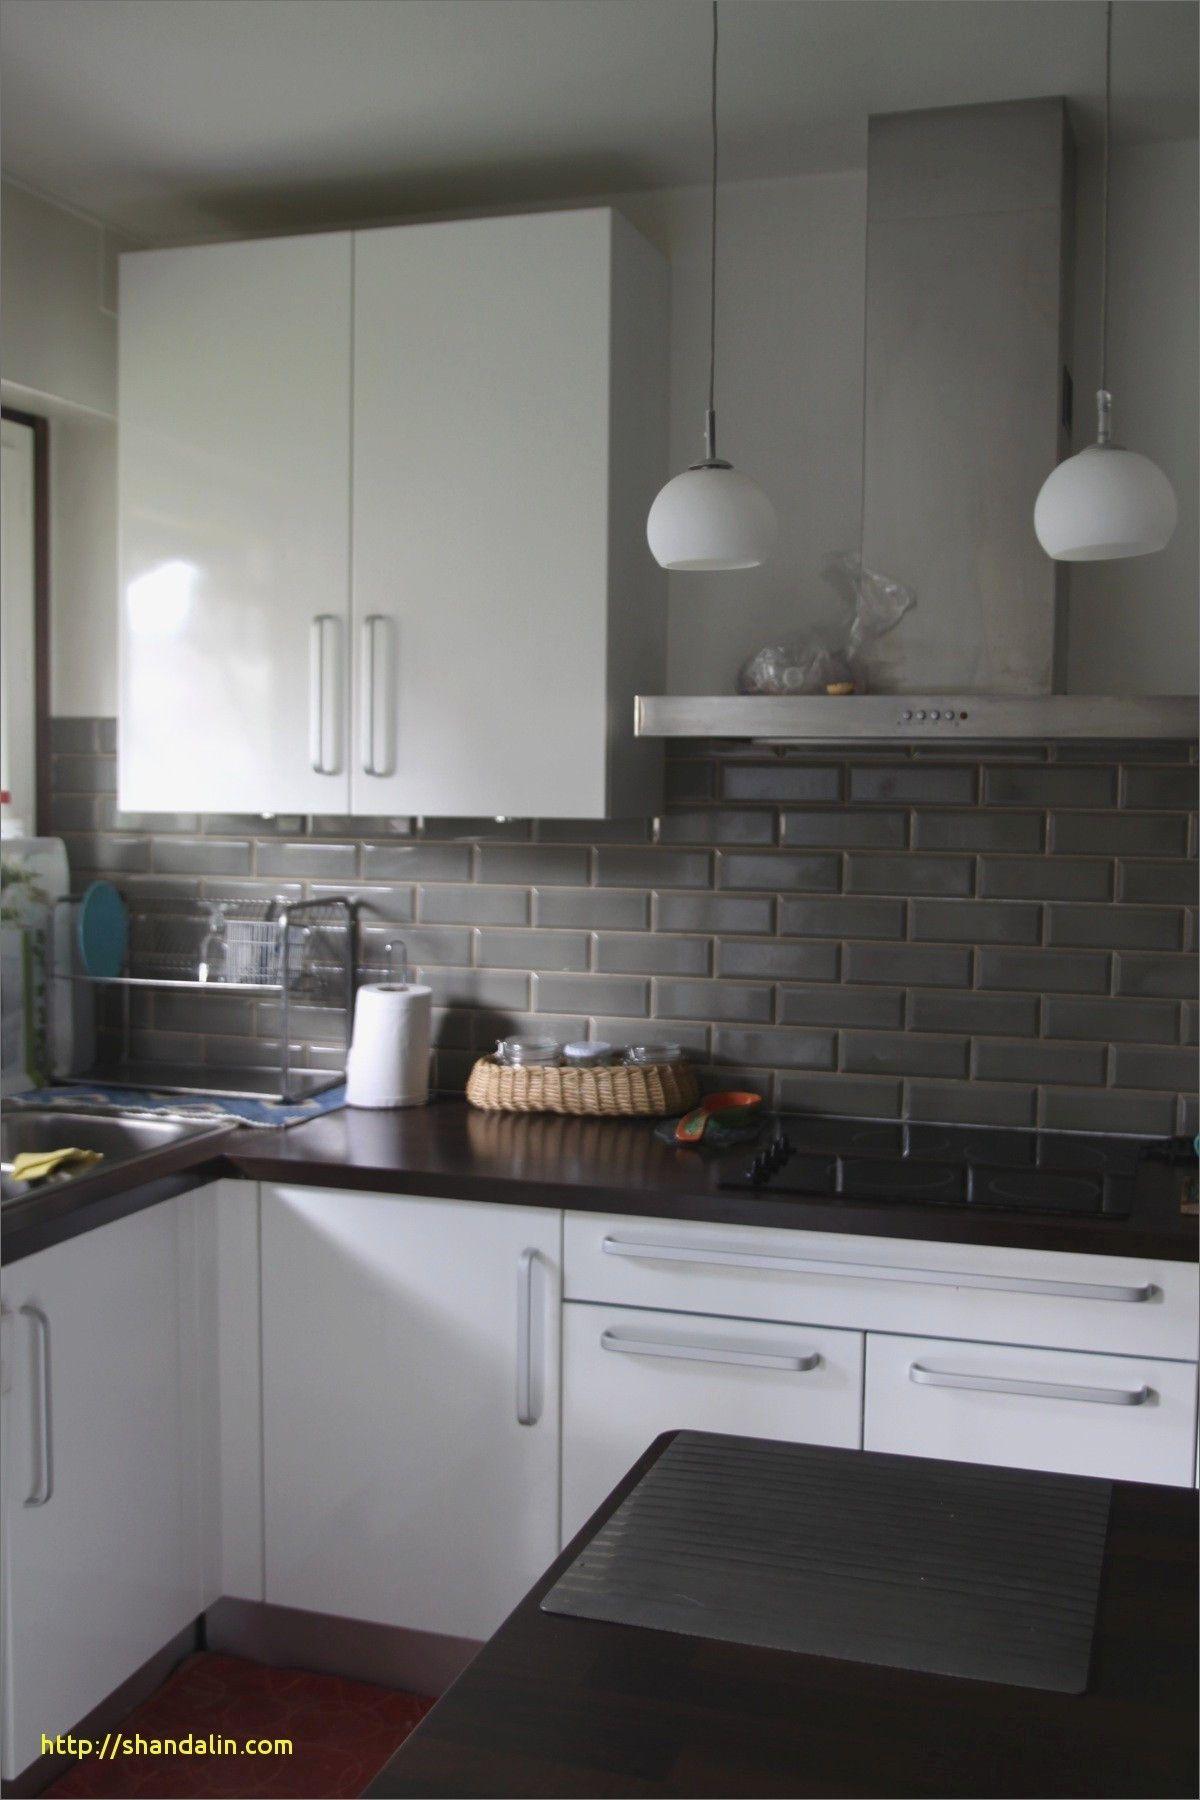 Luxury Recouvrir Carrelage Plan De Travail Cuisine Kitchen Remodel Kitchen Kitchen Interior